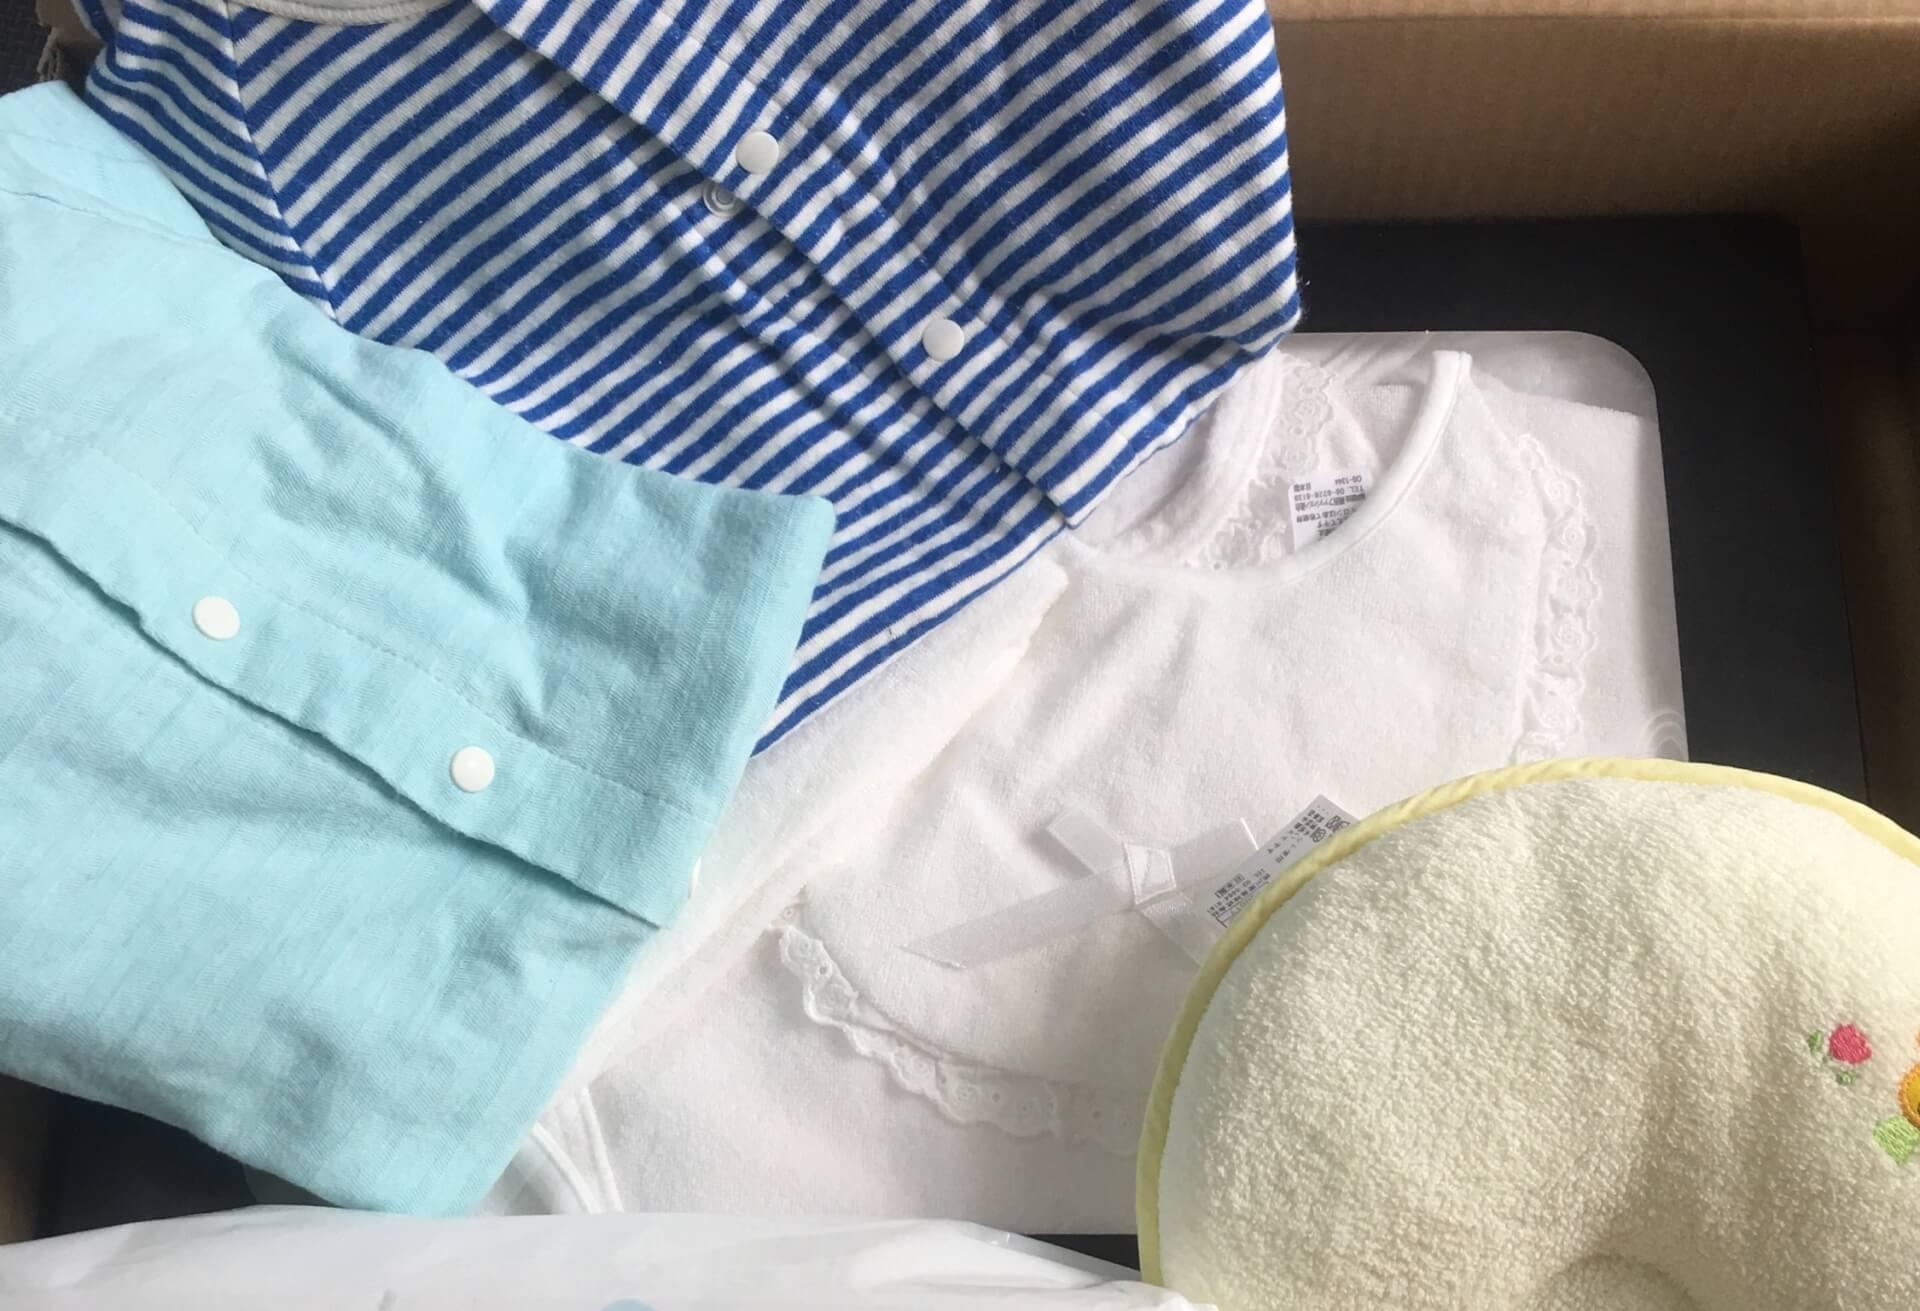 赤ちゃんのドーナツ枕の選び方とは?使い方の注意点やおすすめ商品も